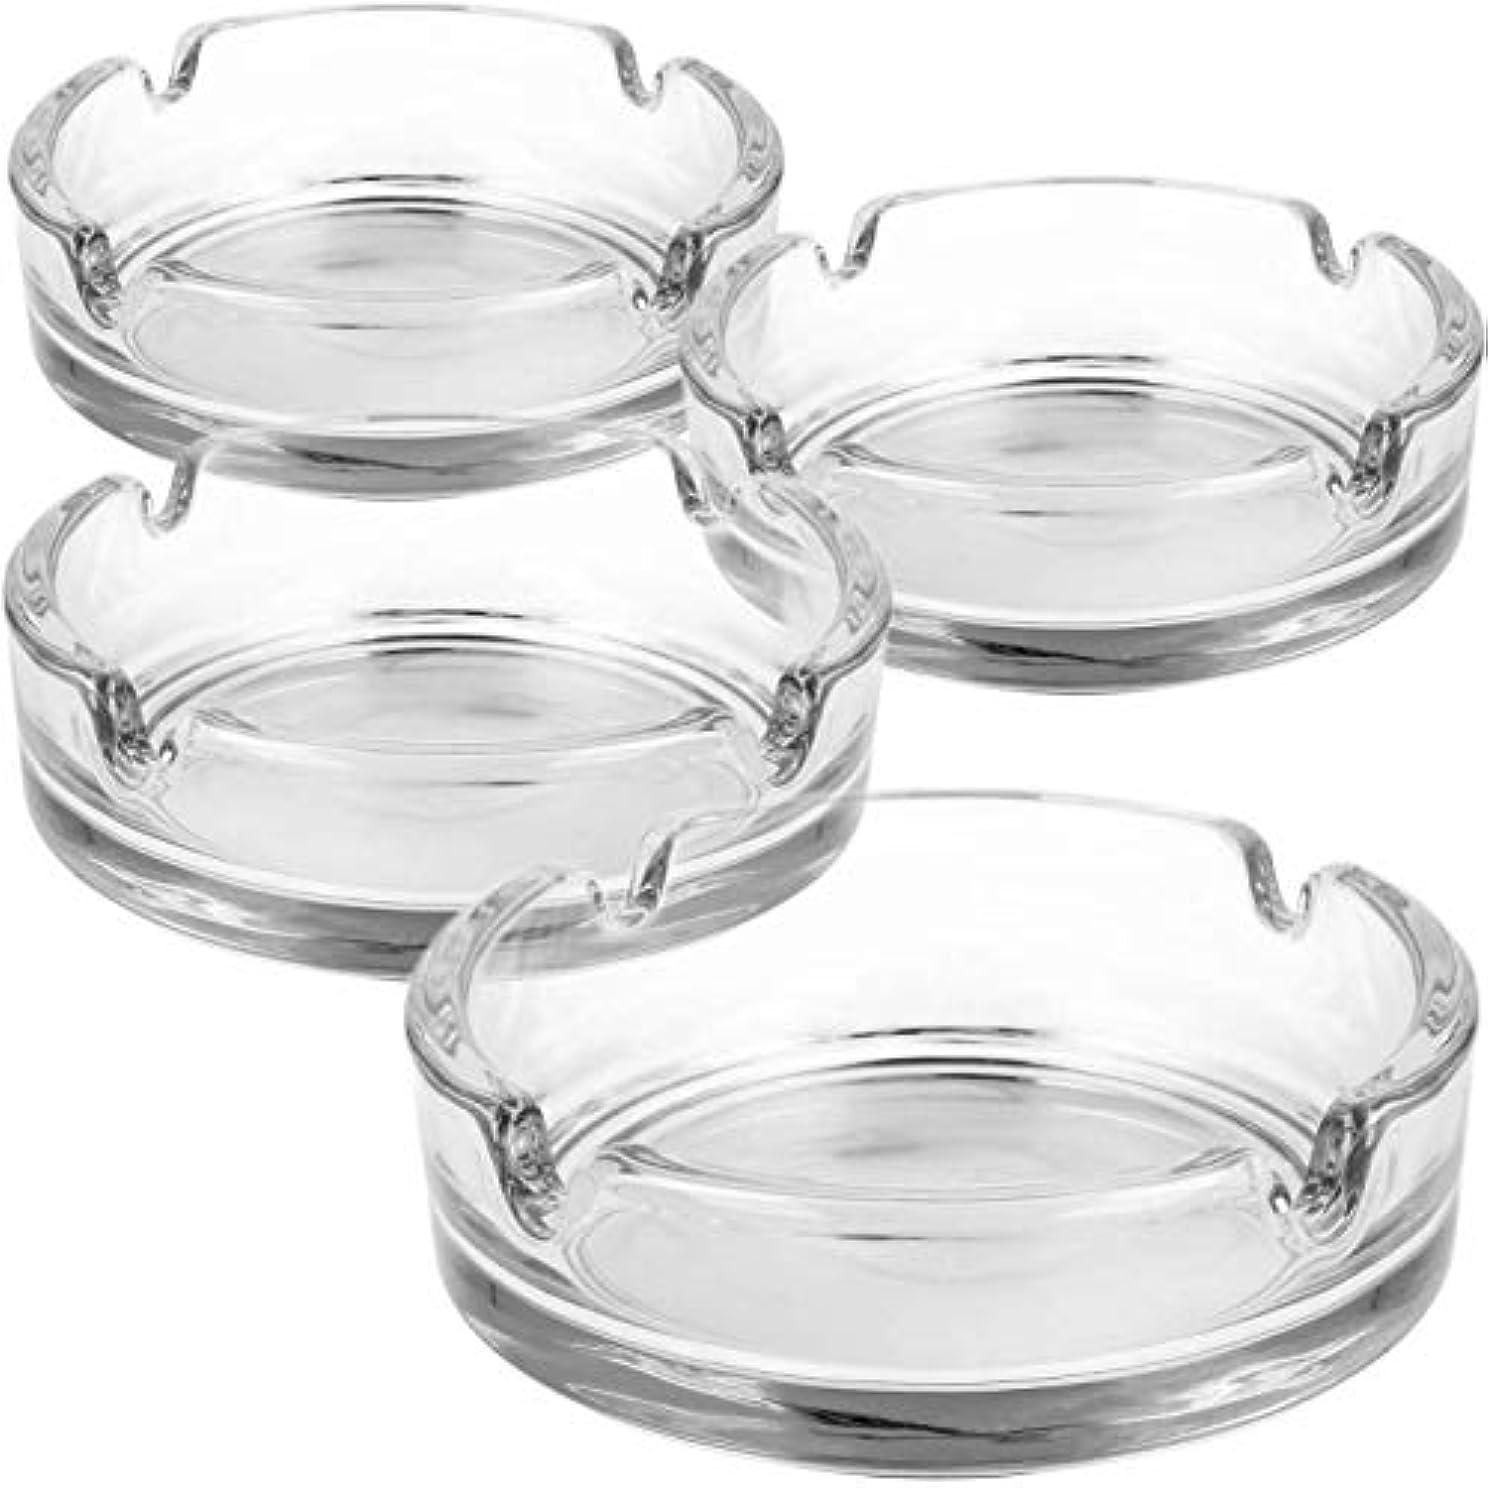 レトルト少ない賭けガラス製の4倍の灰皿 - タバコ用クリアガラスの灰皿 - プライベートと美食のための灰皿